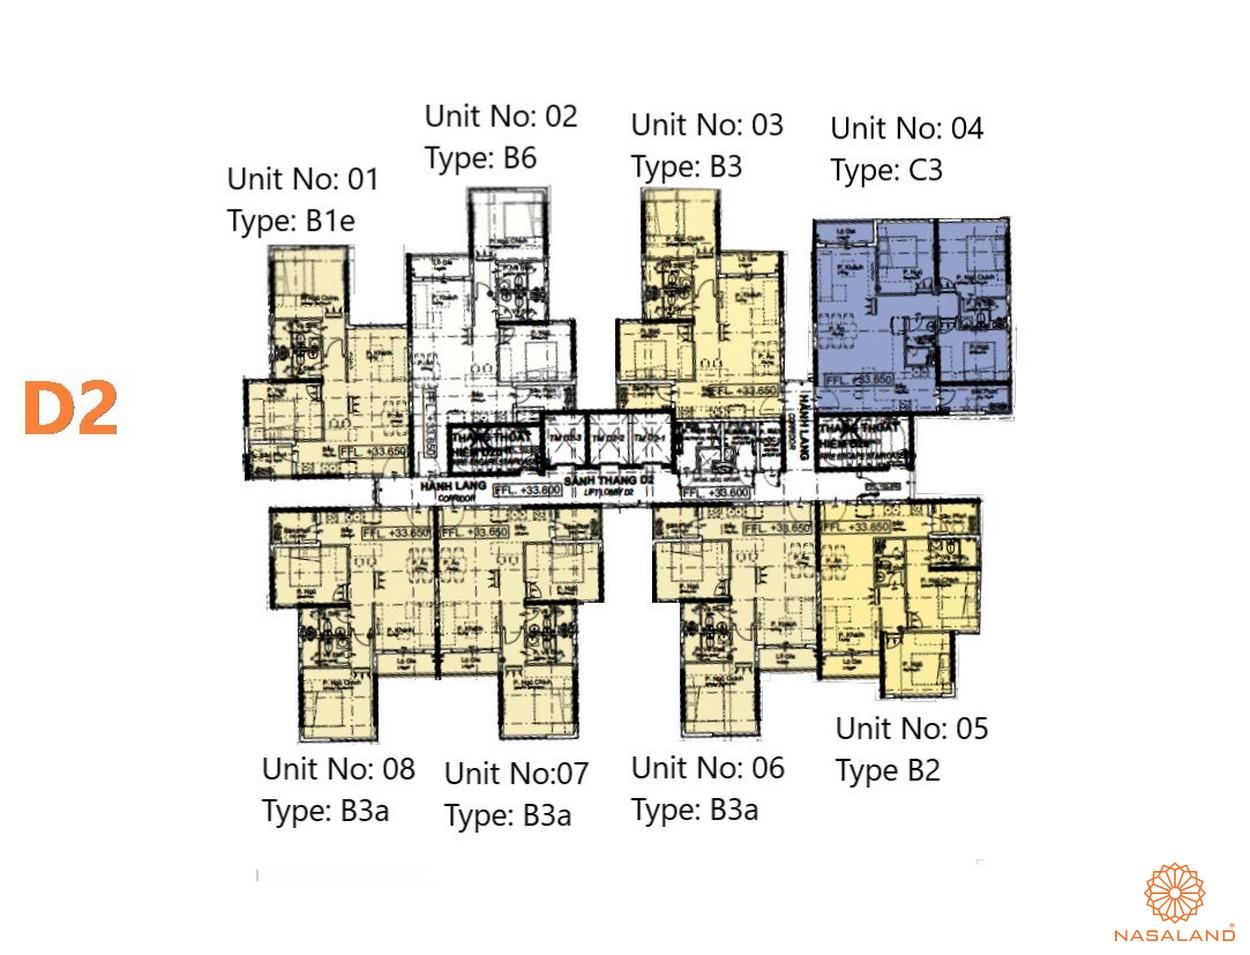 Mặt bằng dự án căn hộ The Habitat Bình Dương - Block D2